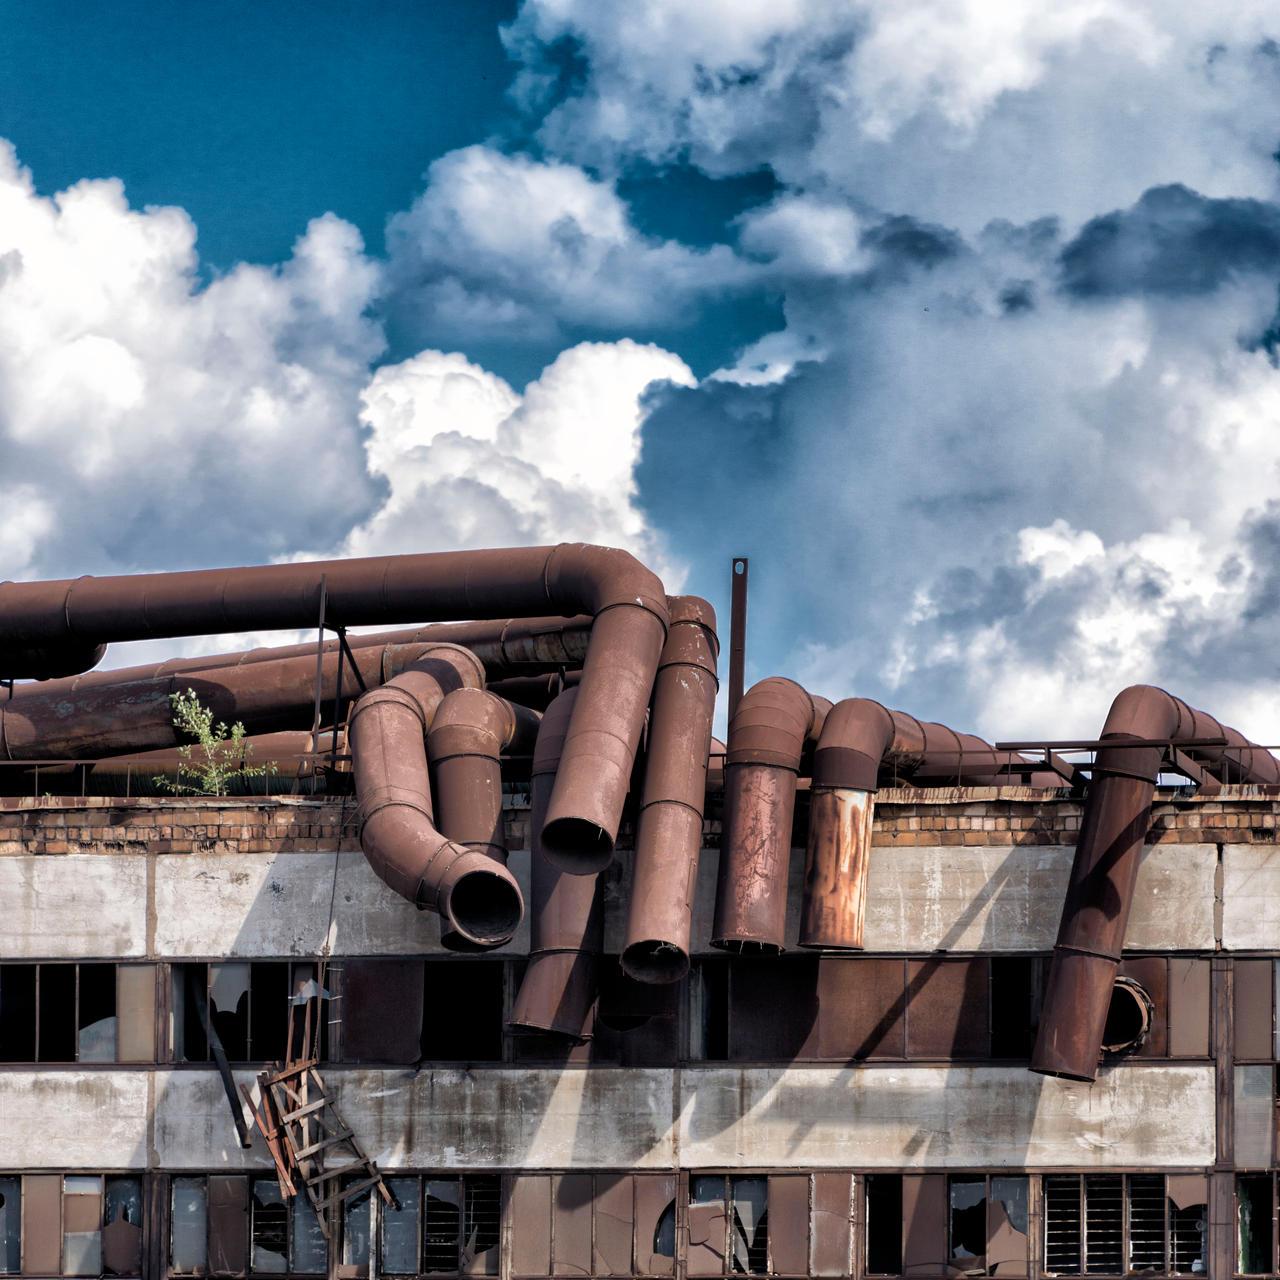 Cloud factory breakdown by Igor-Demidov